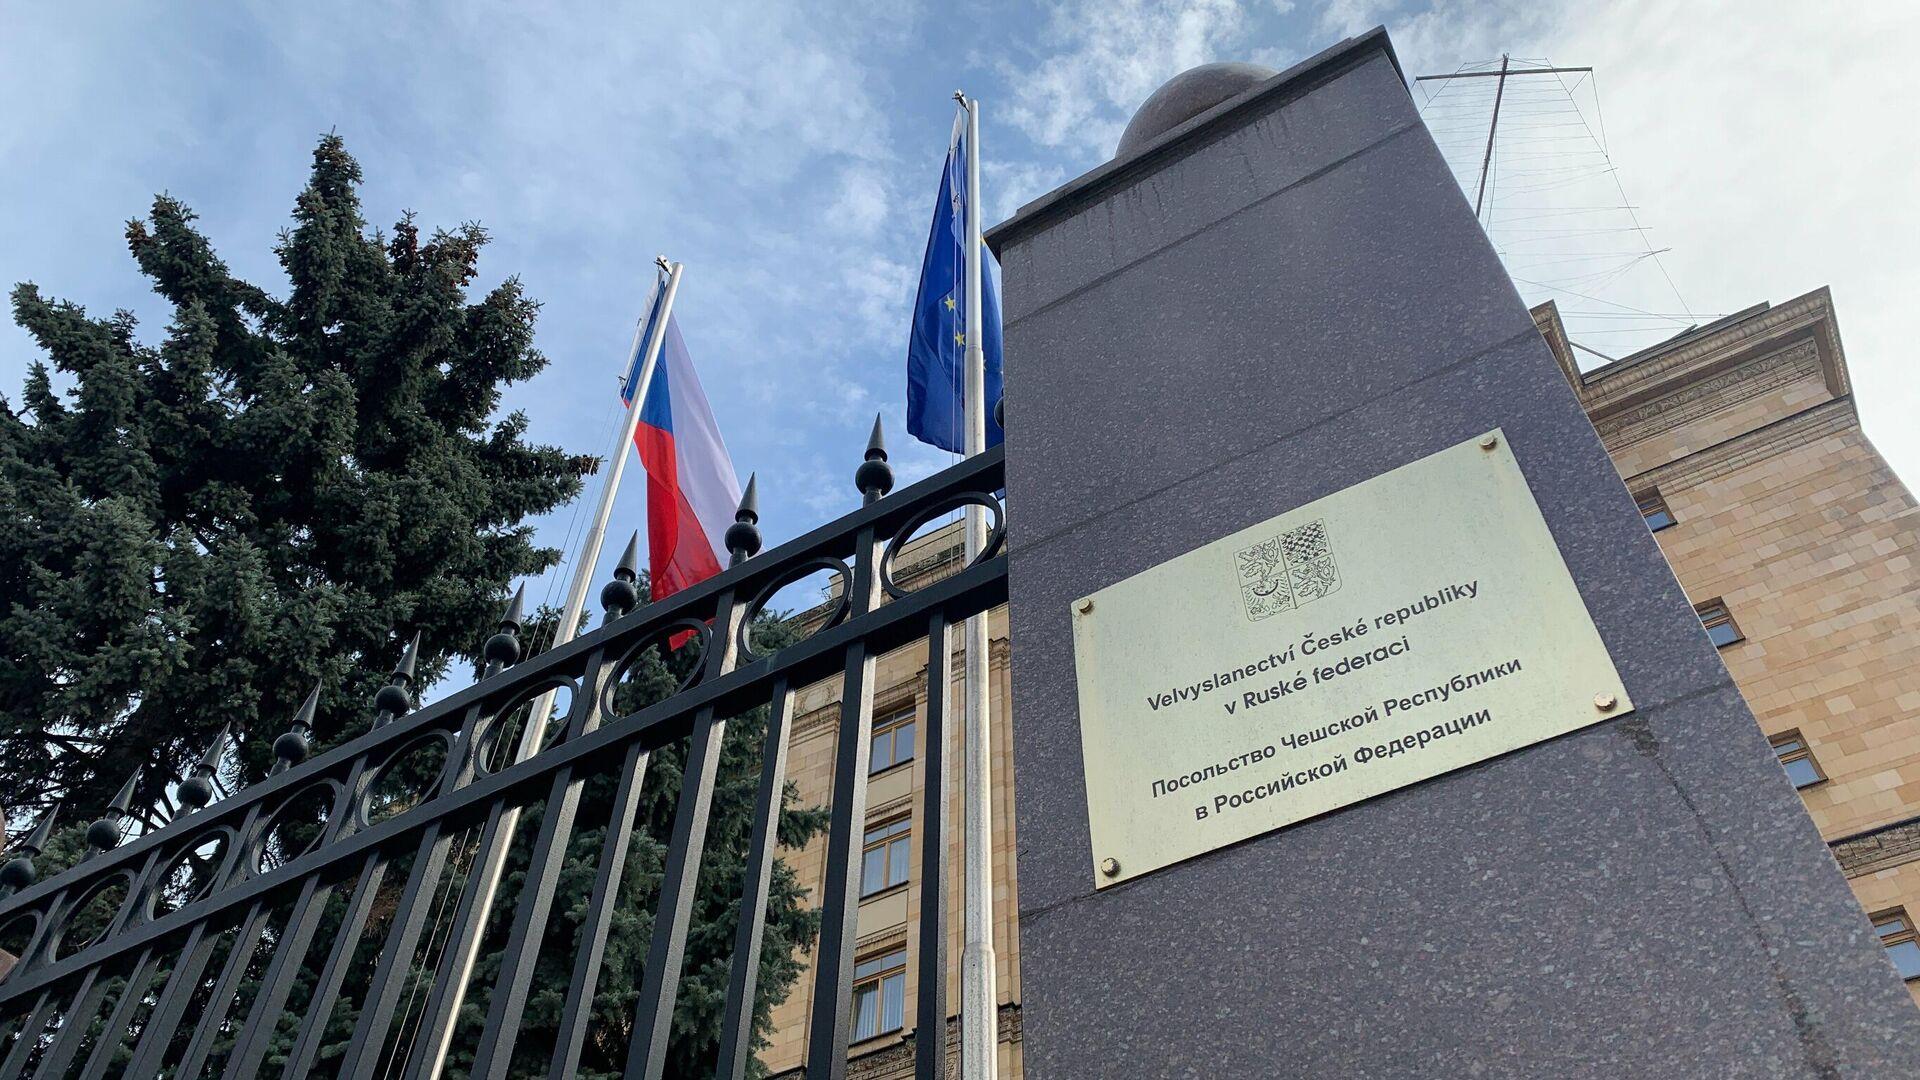 Посольство Чехии в Москве - РИА Новости, 1920, 26.05.2021